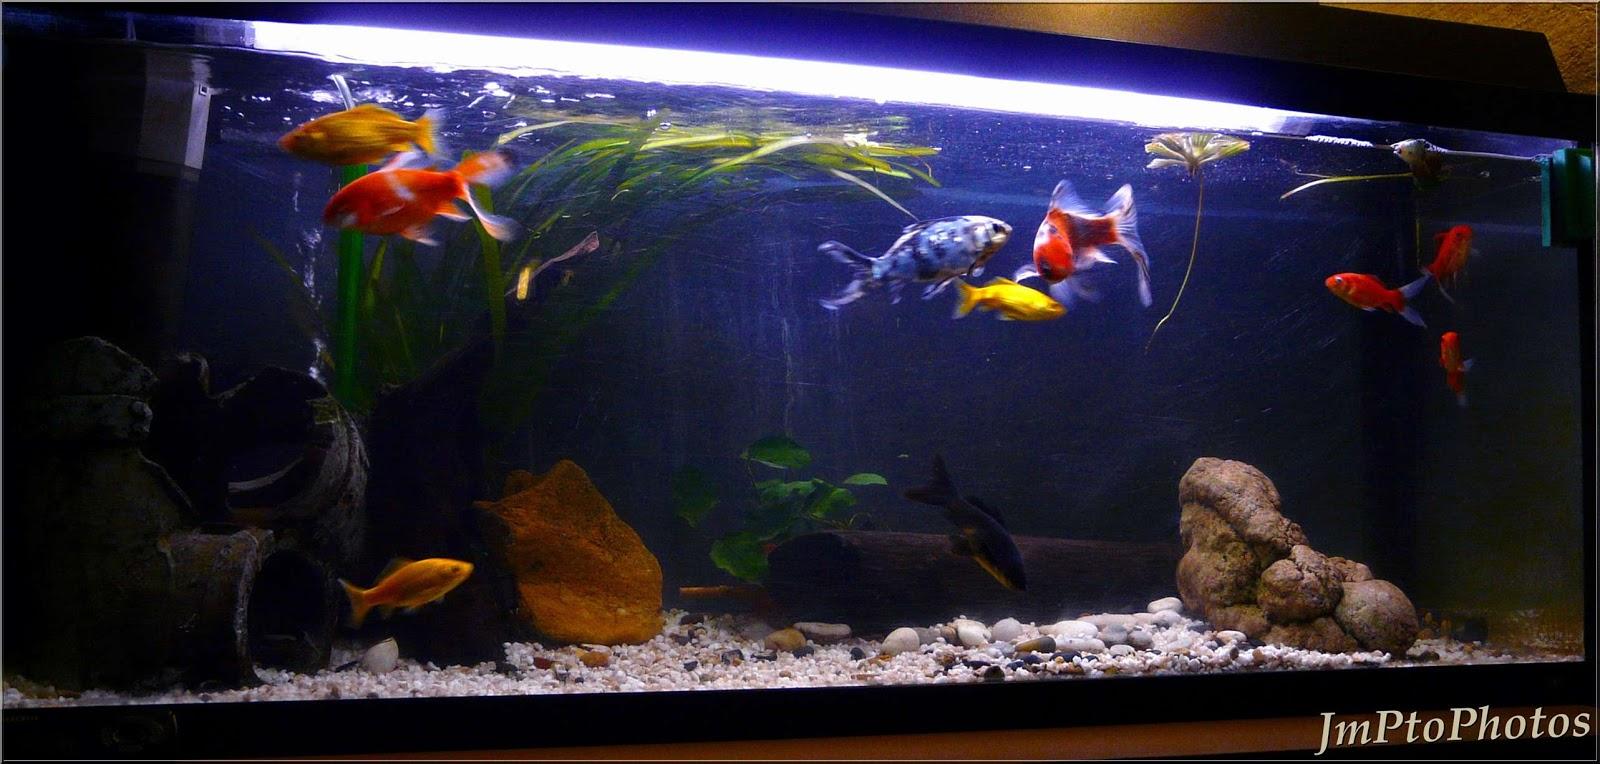 jmptophotos l 39 aquarium en eau froide. Black Bedroom Furniture Sets. Home Design Ideas